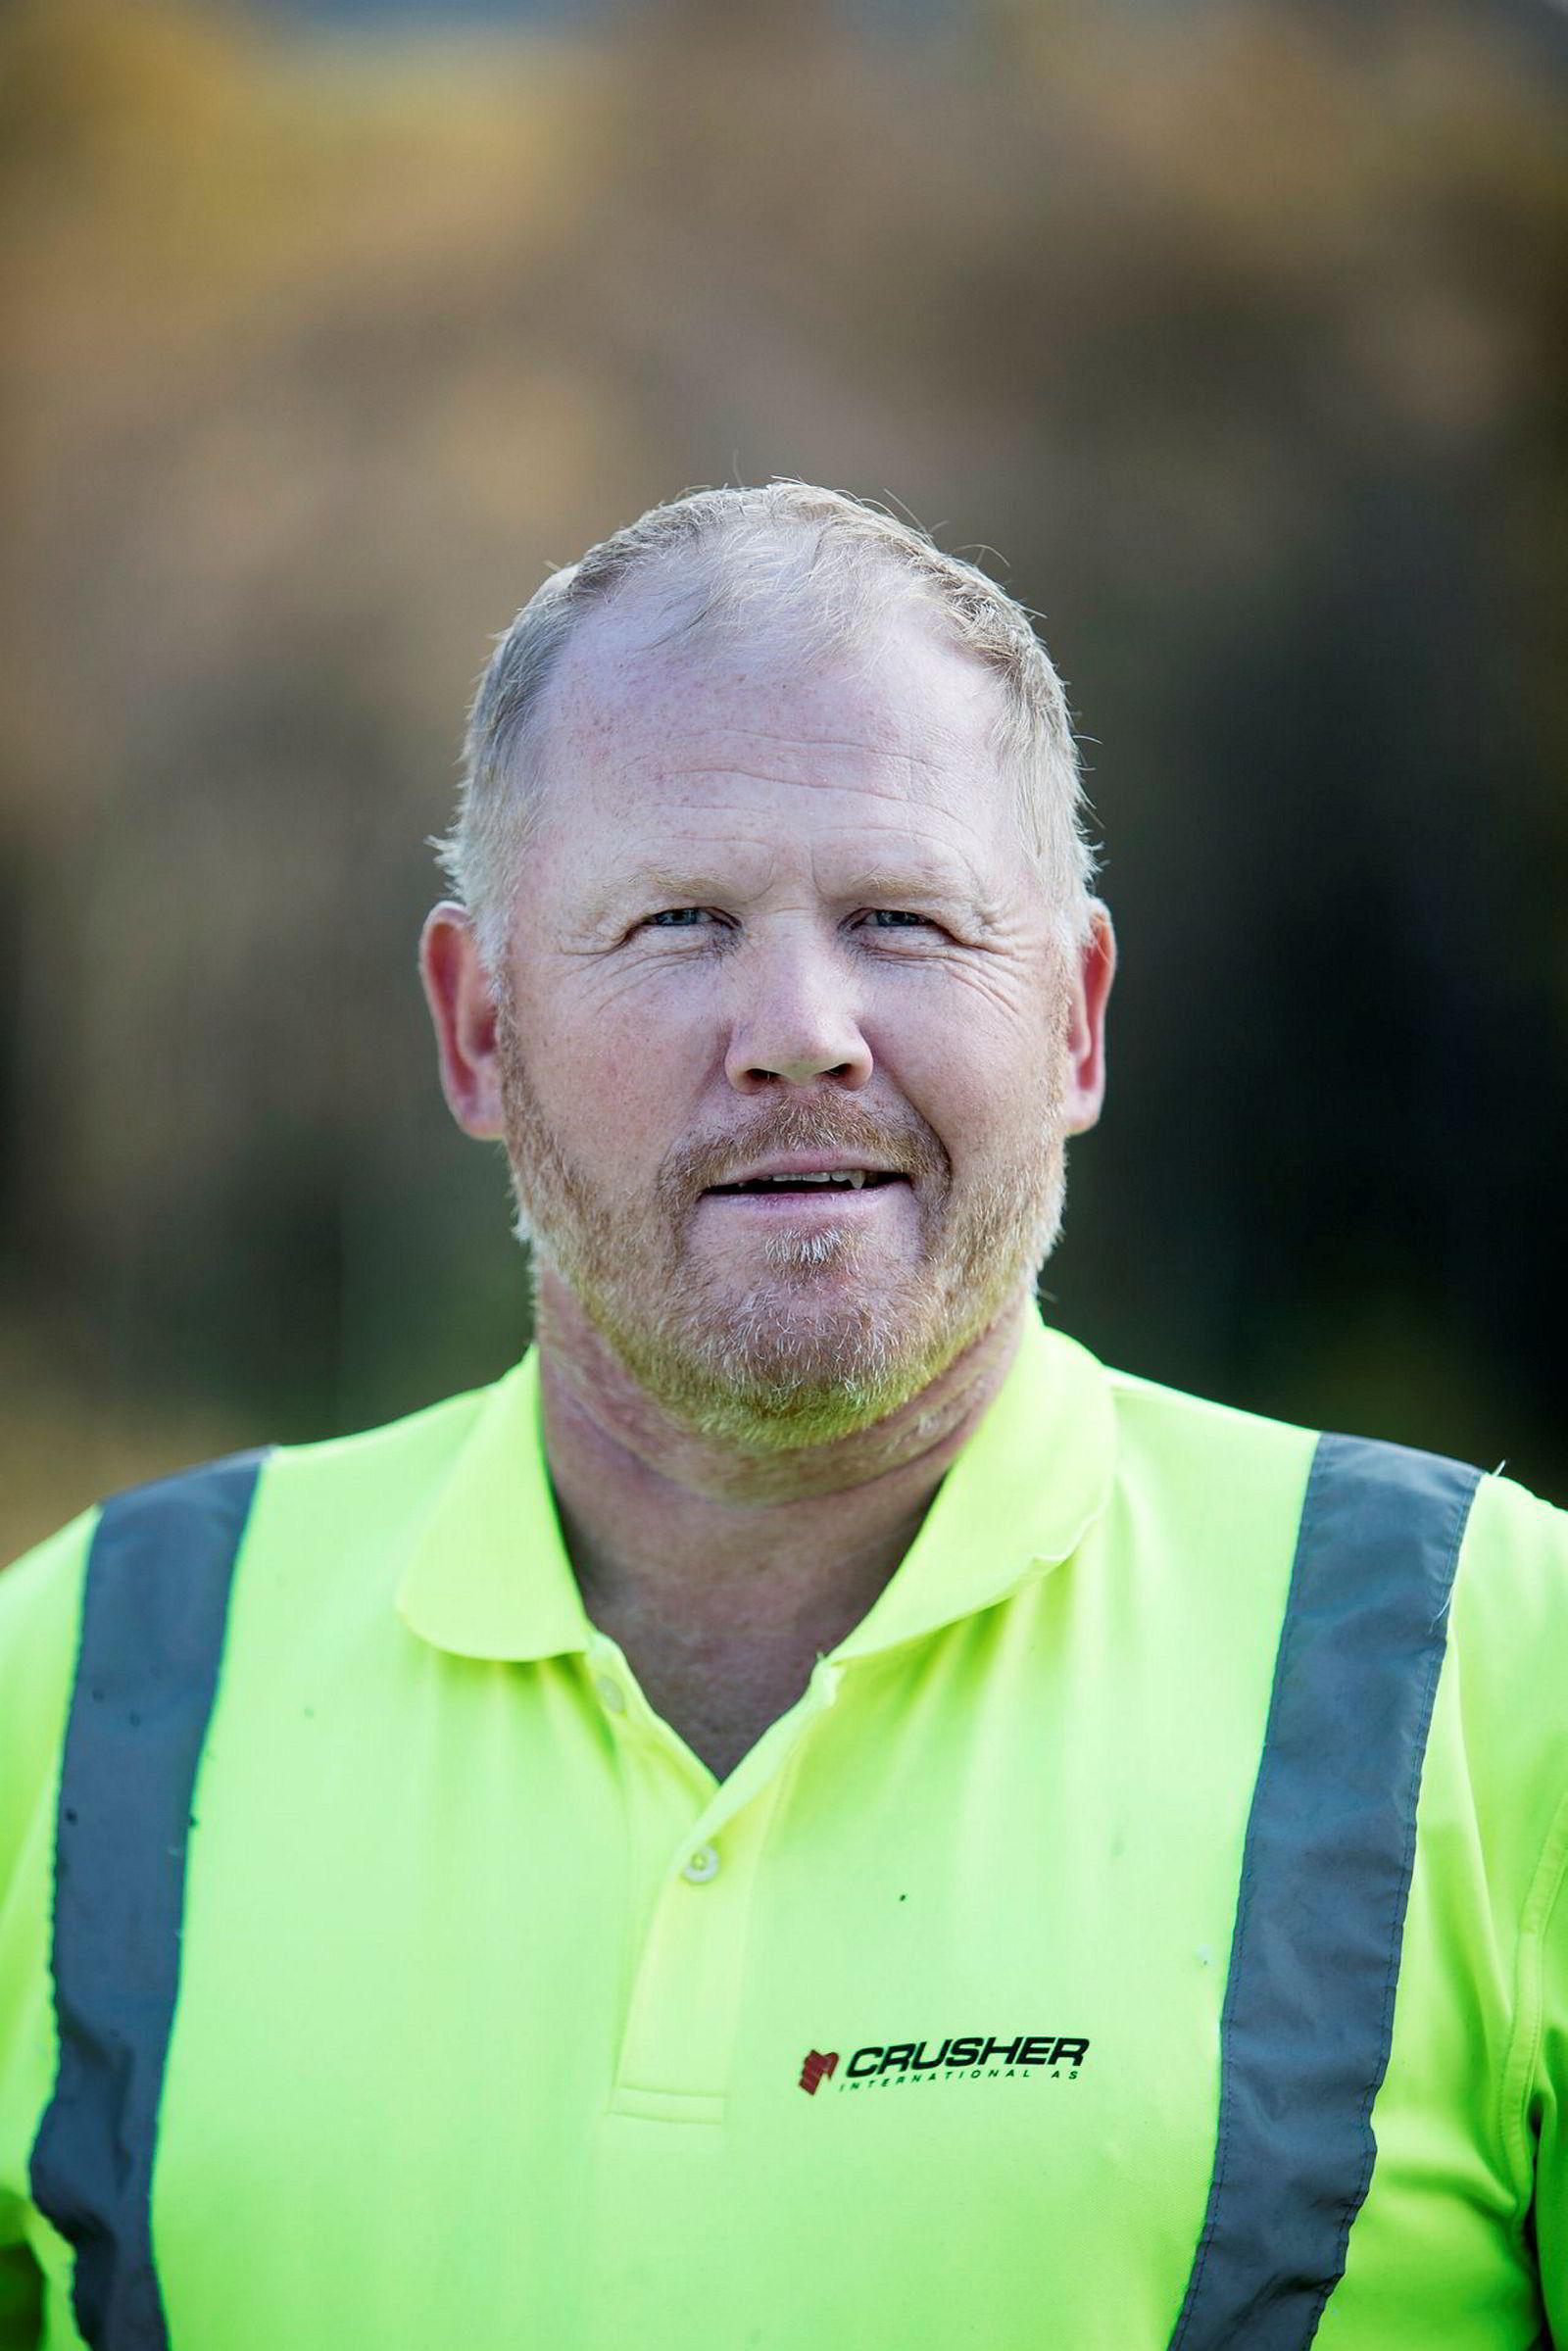 Etter ni år med tap og nederlag, har det endelig snudd for Crusher-sjef Lloyd Sundstøl, gasellevinneren i Telemark.